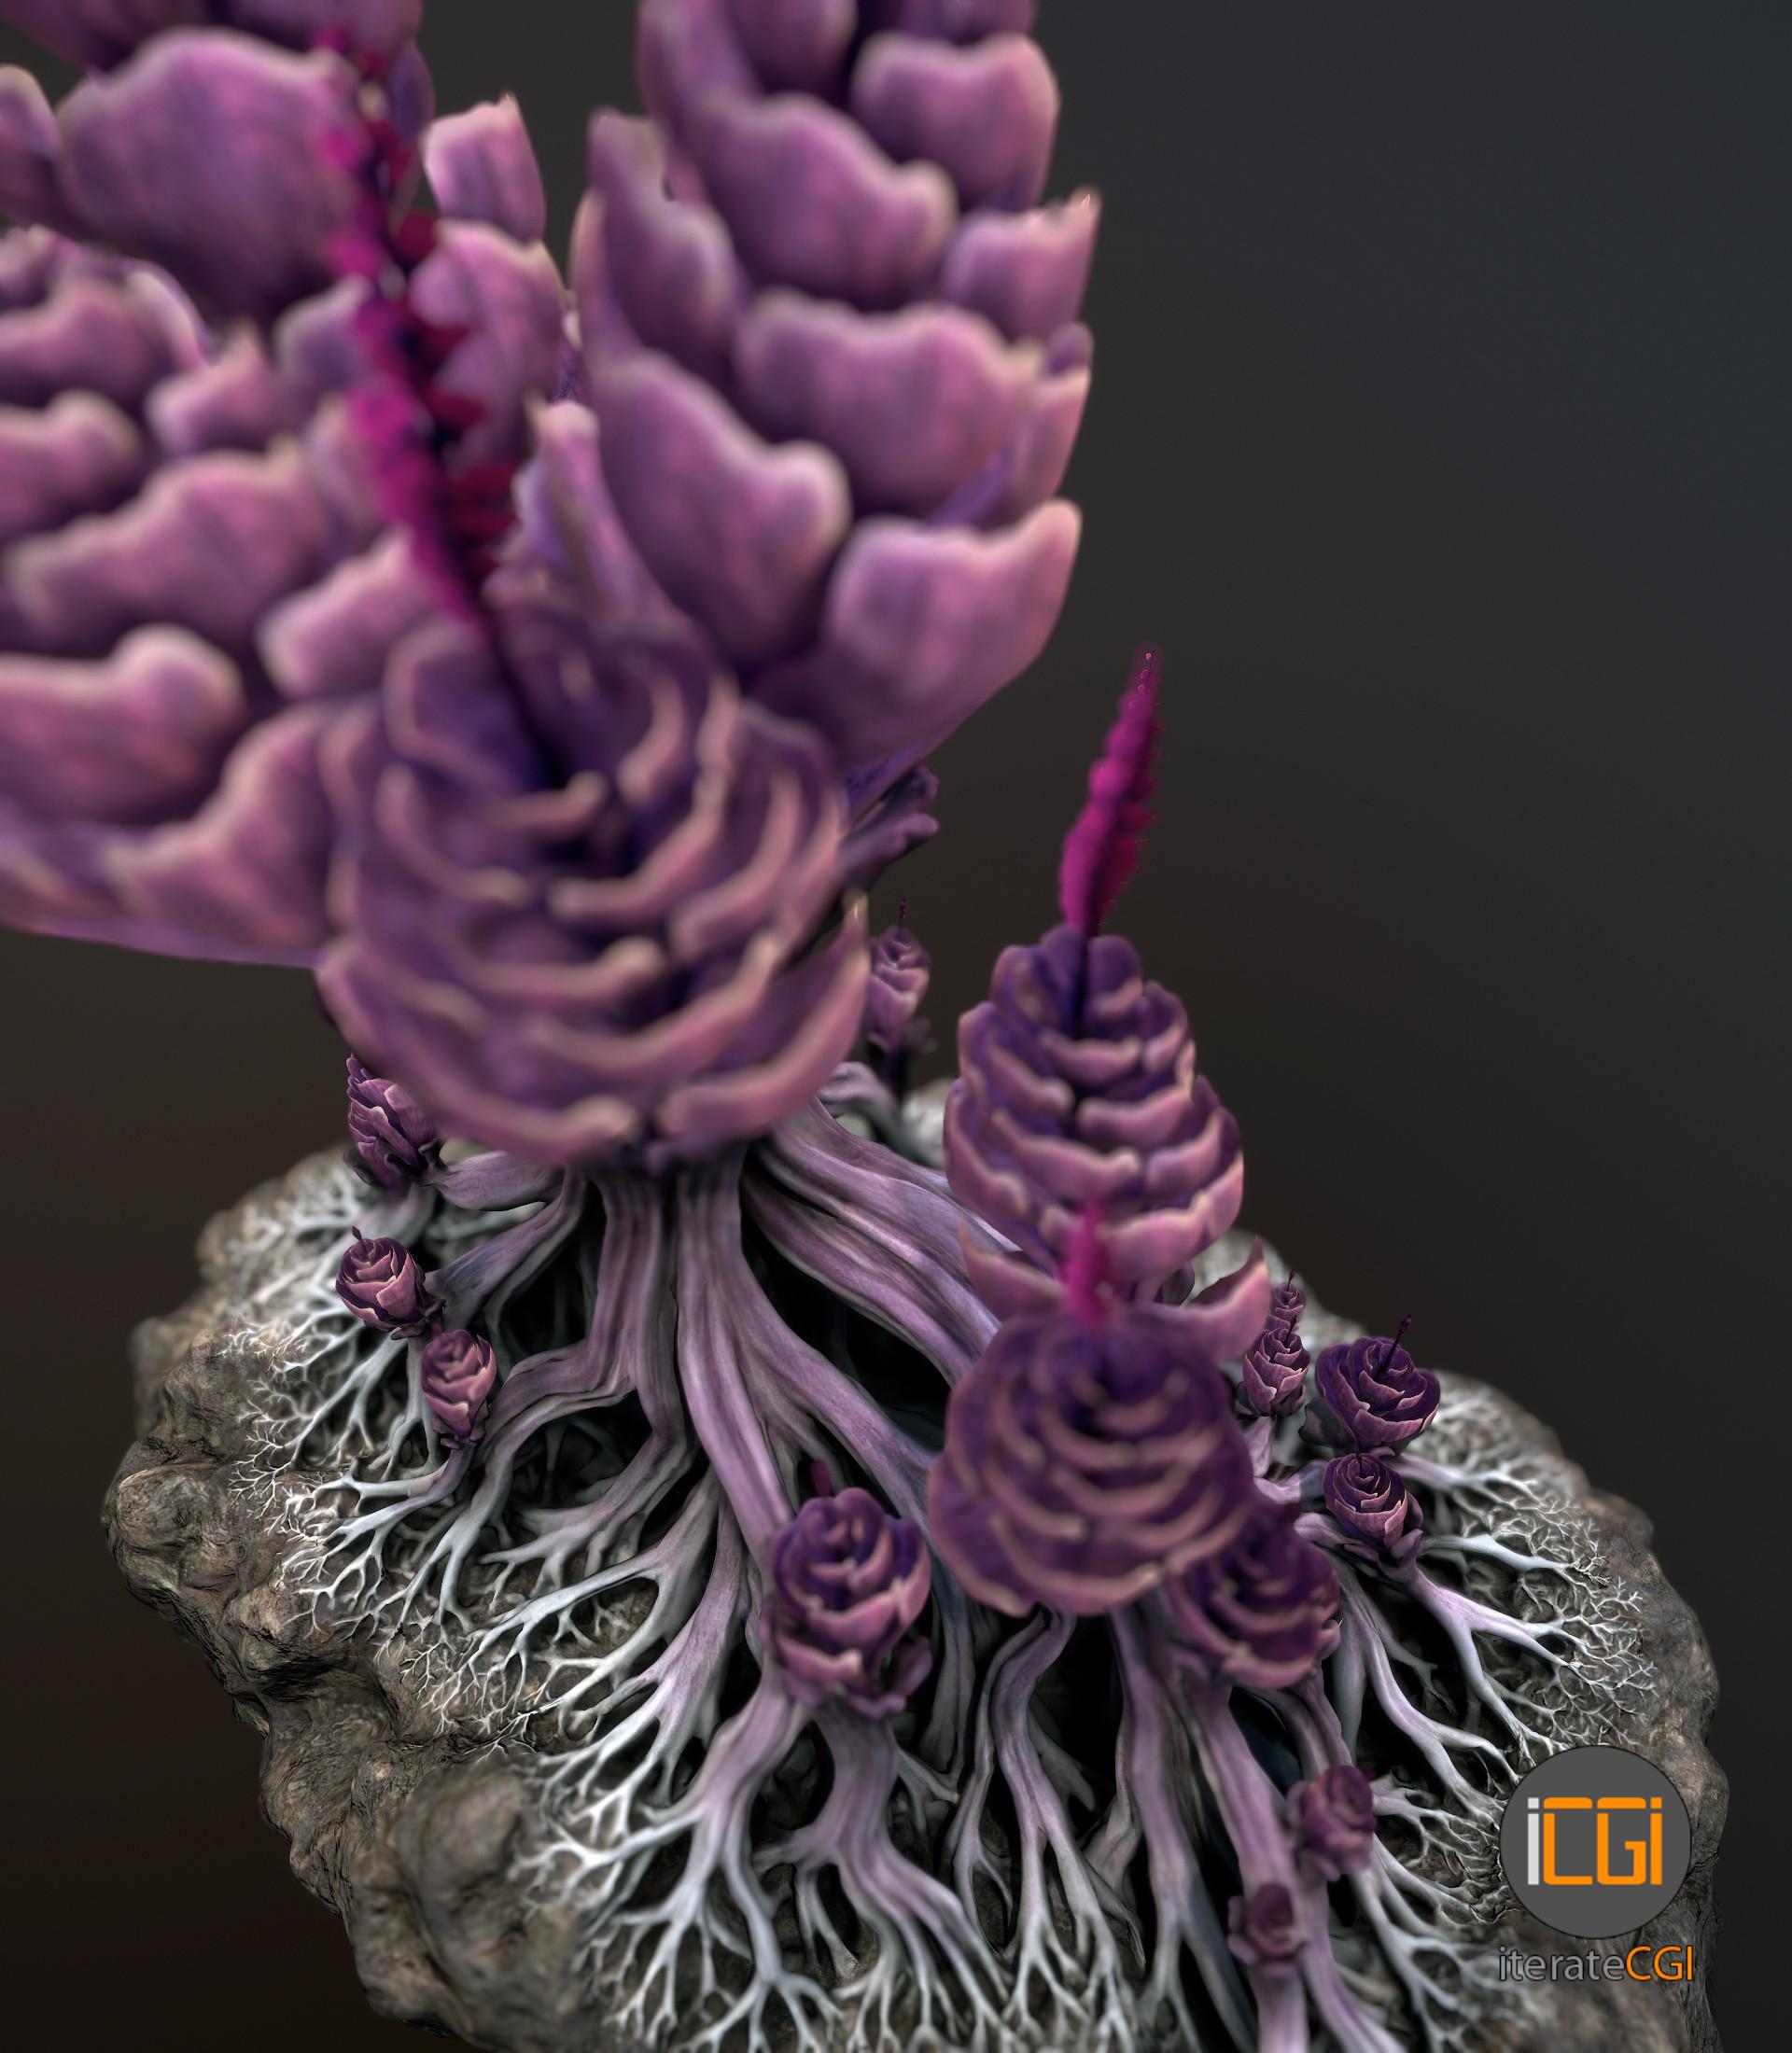 Johan de leenheer alien plantch7